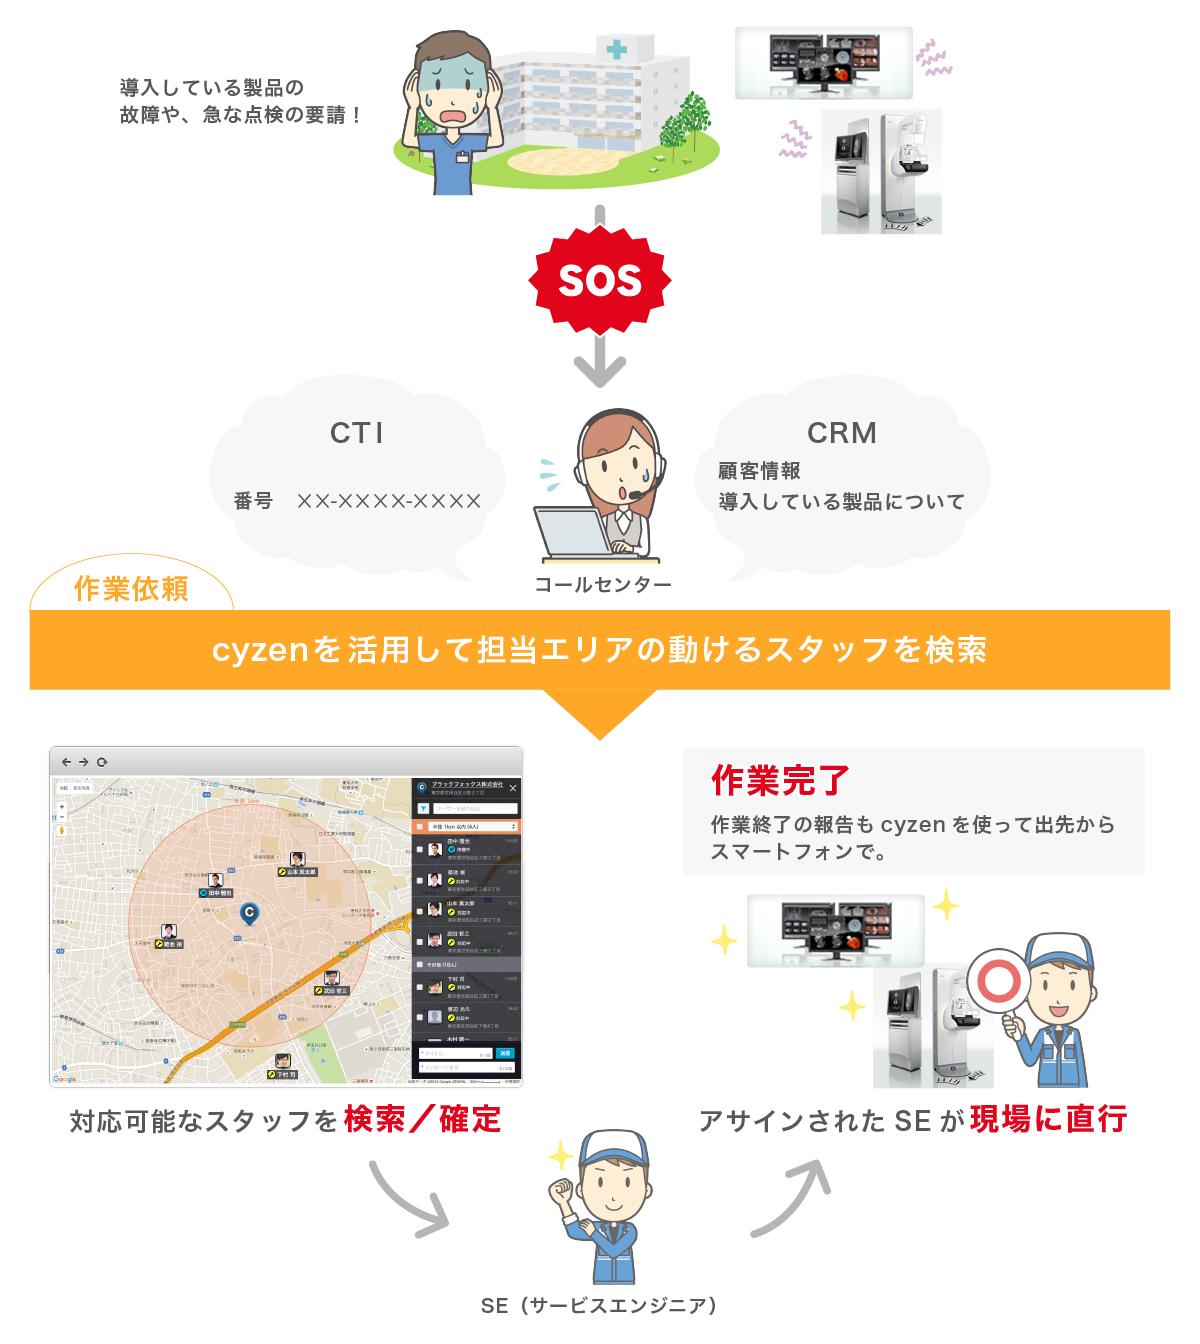 富士フイルムメディカル、働き方改革アプリ「cyzen」を導入し 全国の医療機器保守サービス現場の対応時間改善